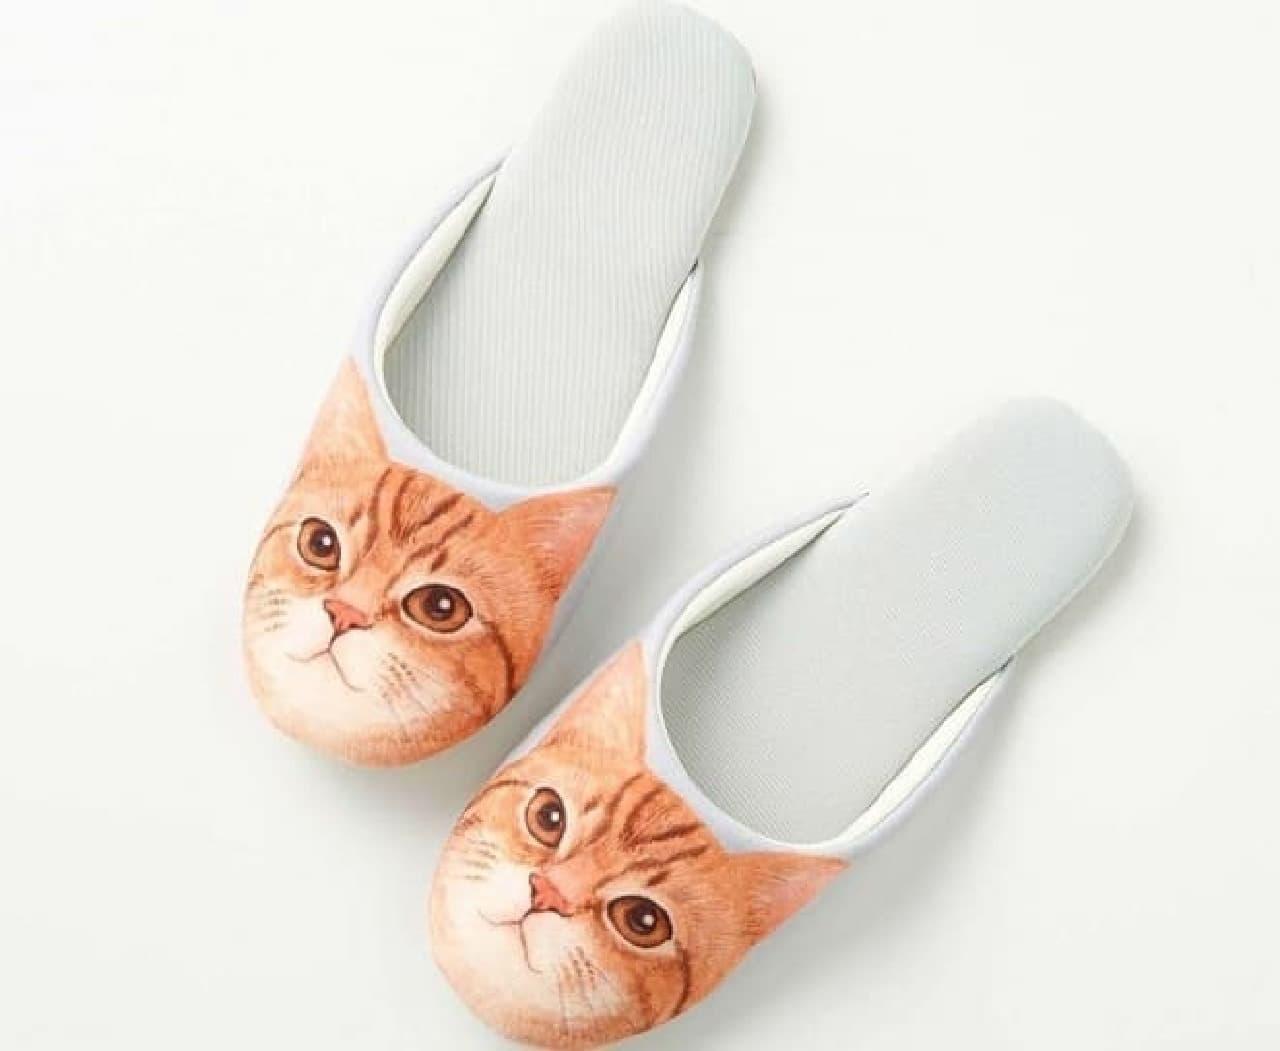 「足音静かな猫足スリッパ」、Web予約販売開始  (画像は「マンクス」さん)